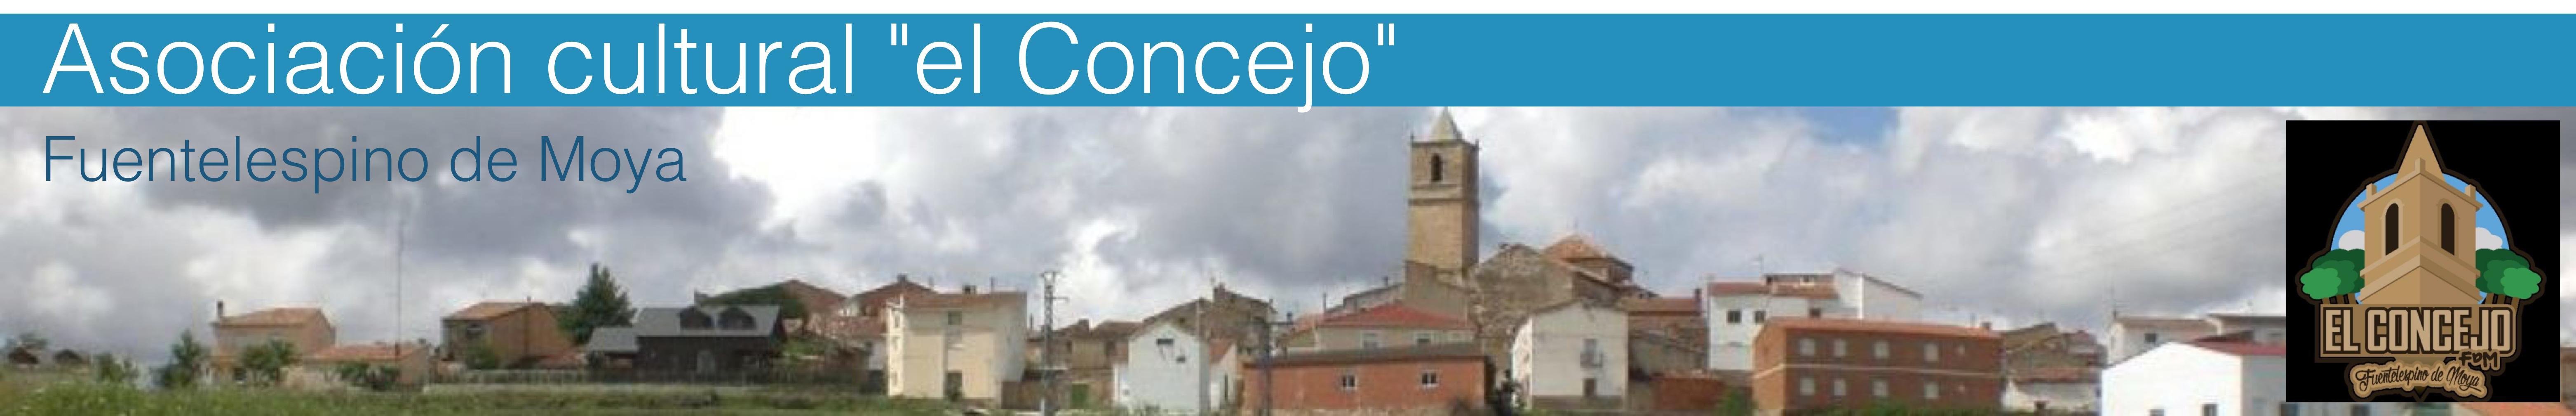 """Asociación cultural """"El Concejo"""""""